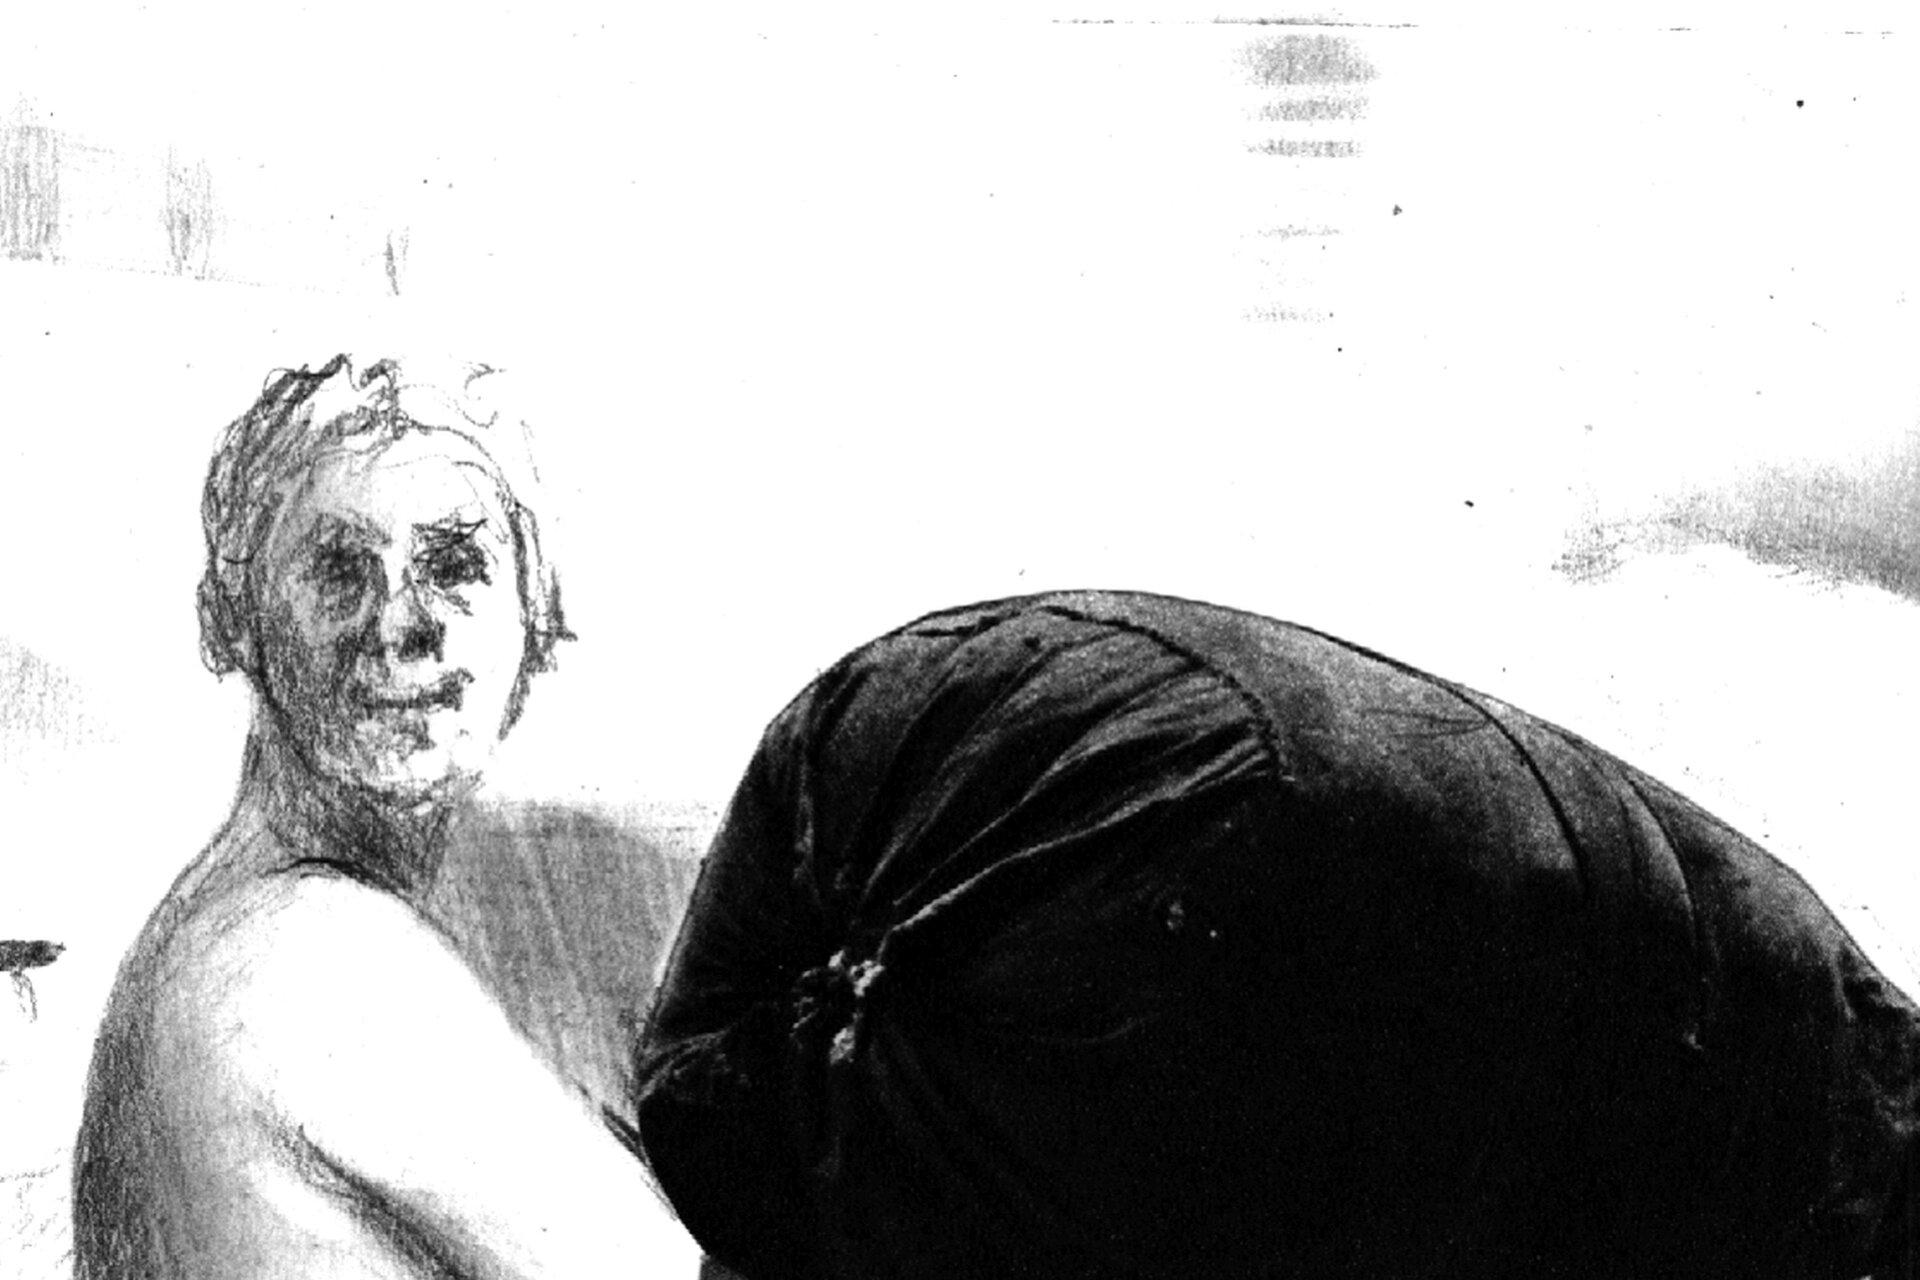 """Ilustracja przedstawiająca dzieło Jędrzeja Gołasia pt. """"Portret zbagażem"""". Ilustracja przedstawia człowieka dźwigającego bagaż."""